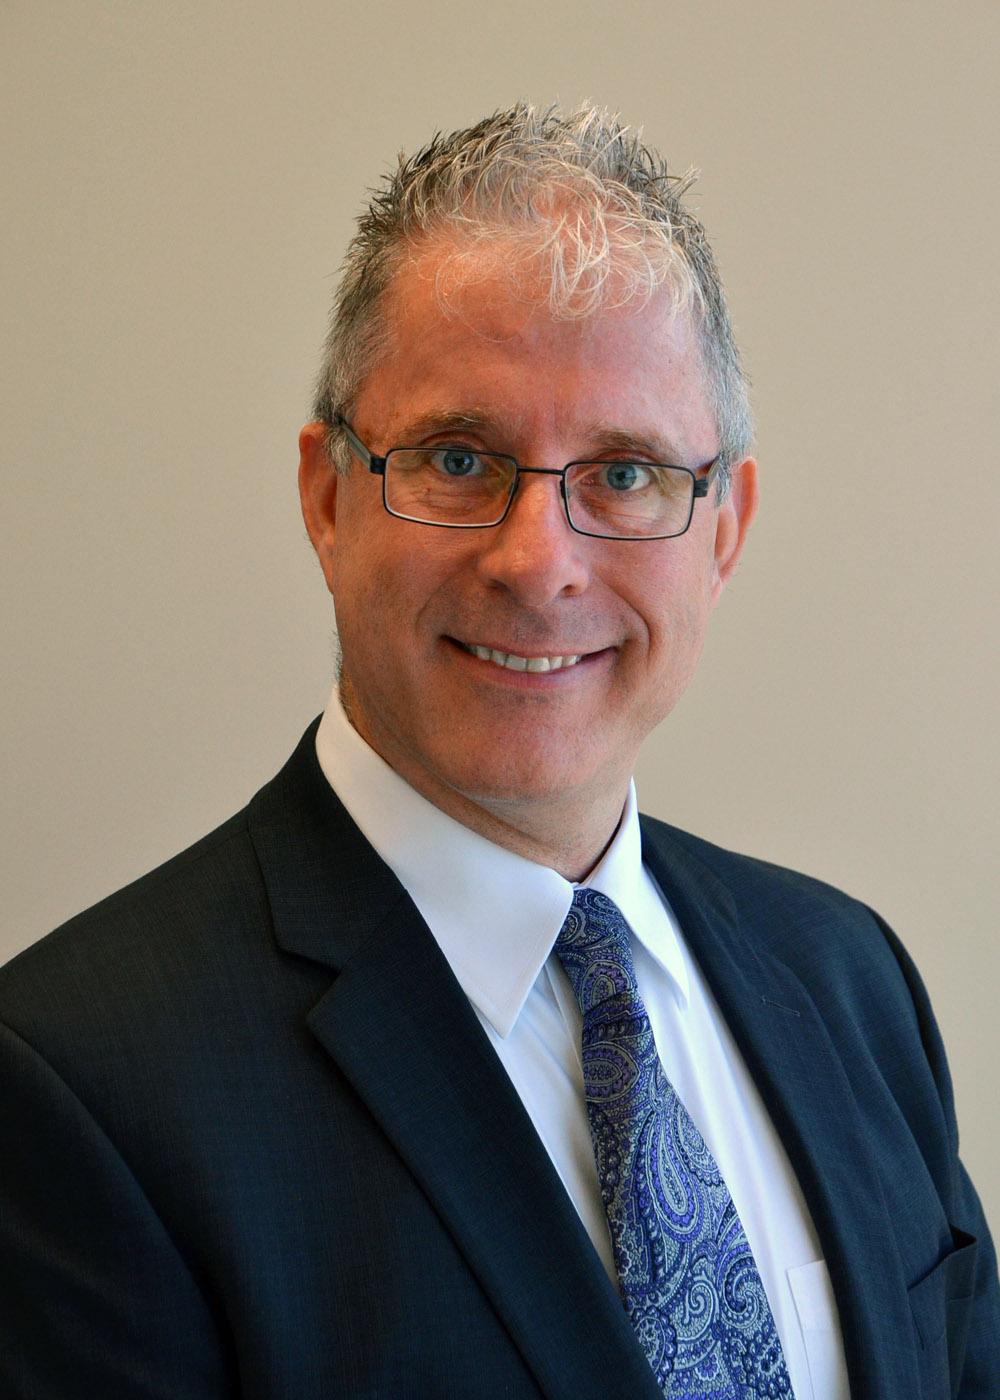 Philip Newlin, MD